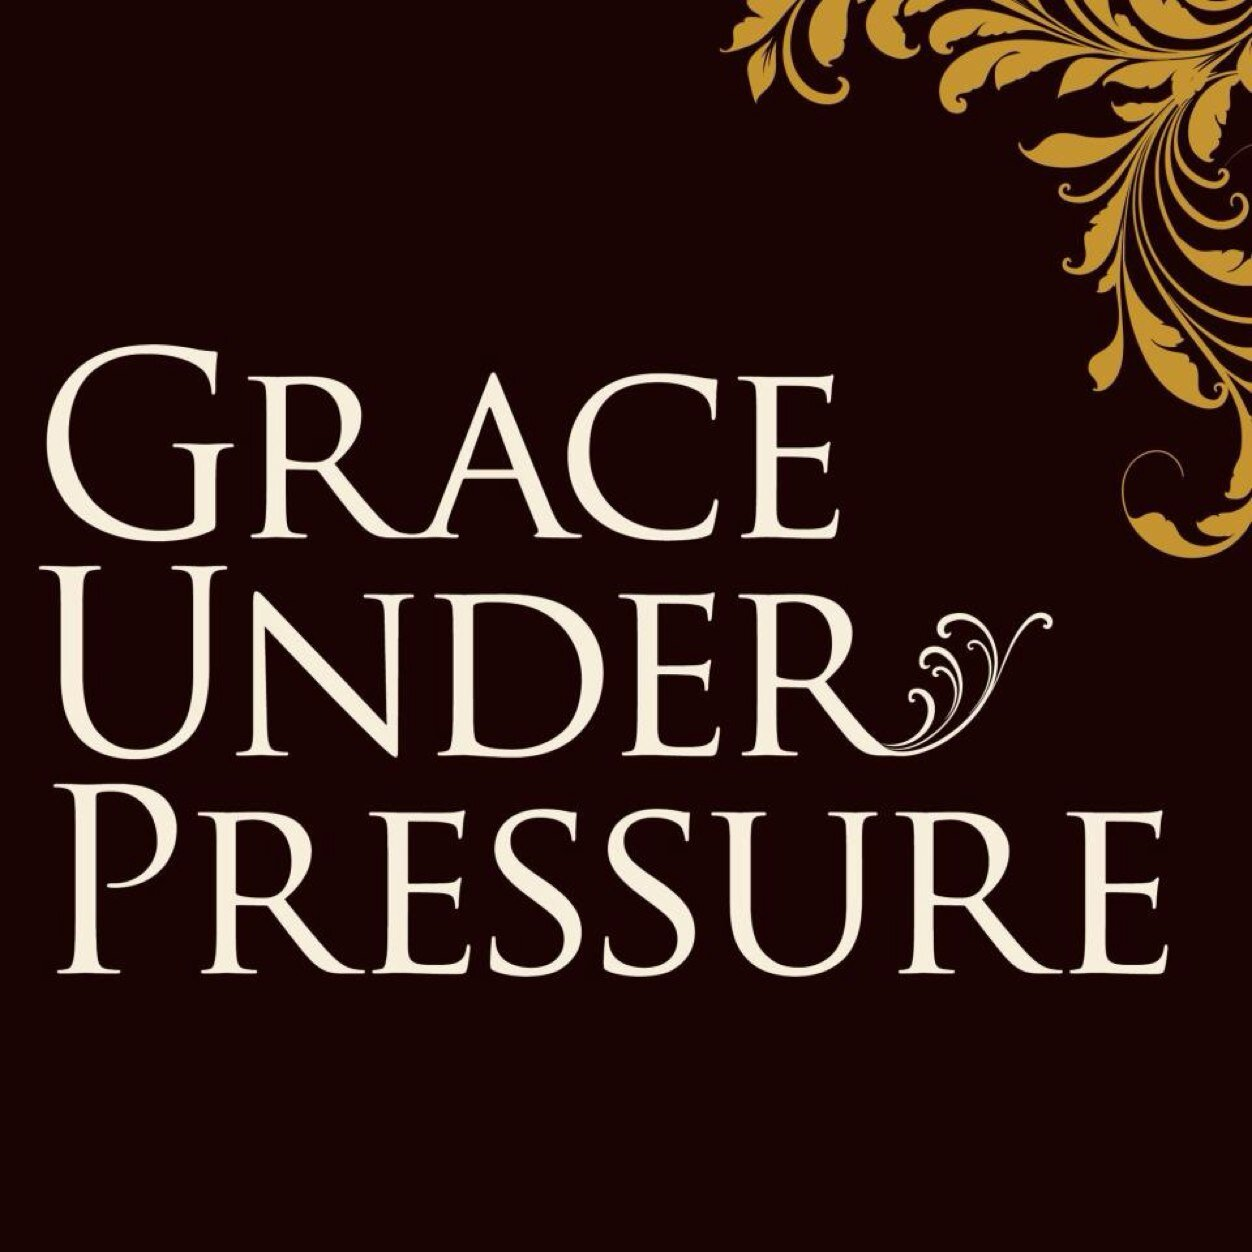 under pressure essay